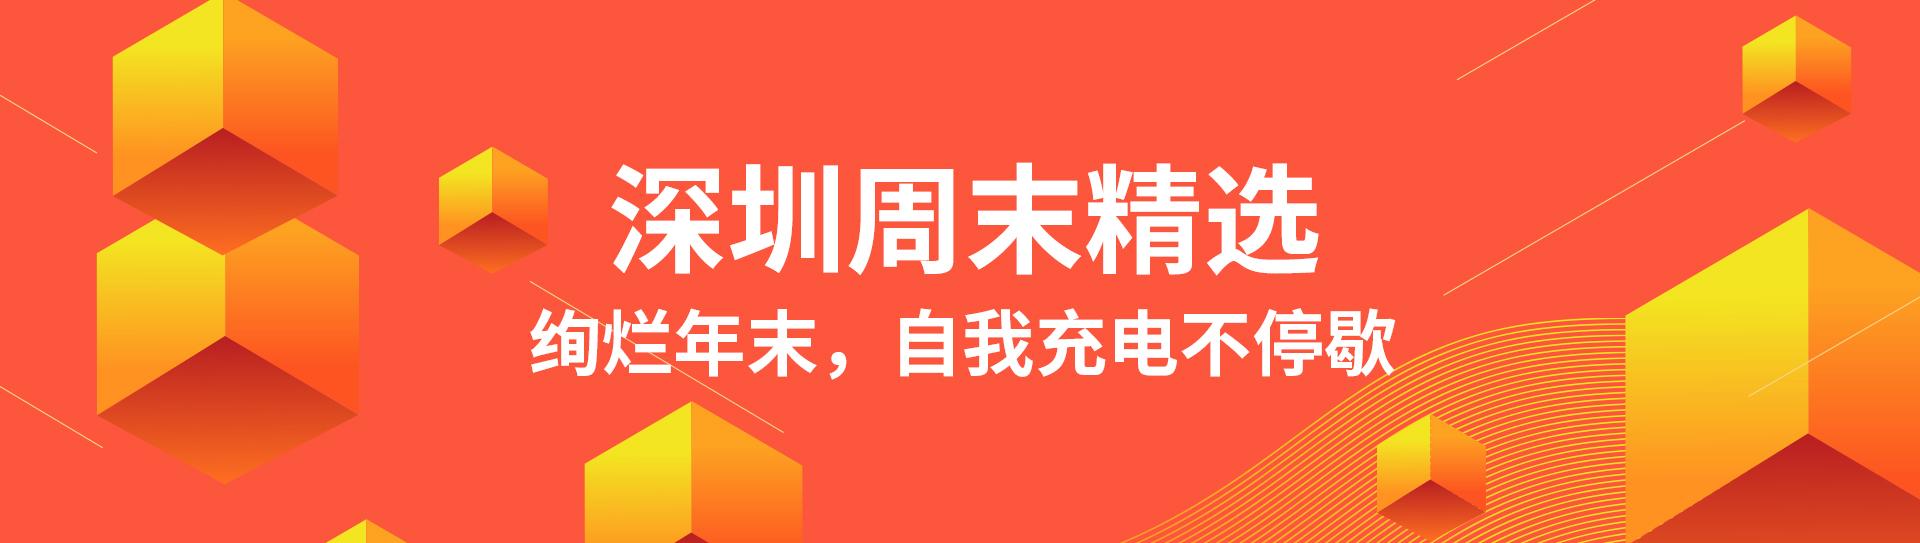 深圳周末精选 绚烂年末,自我充电不停歇